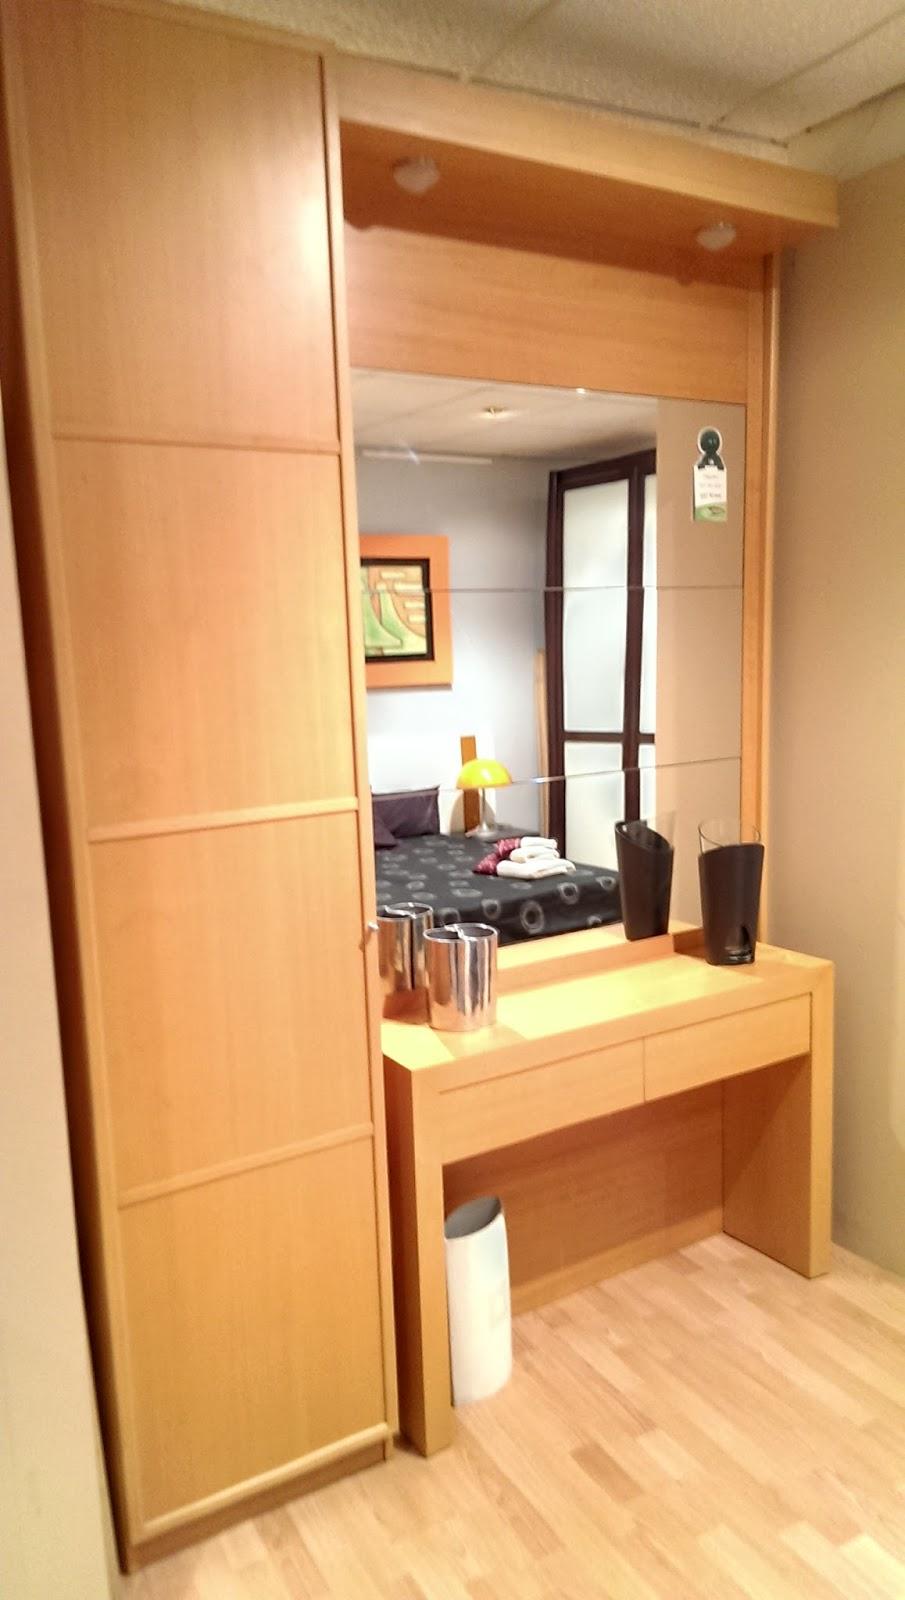 Muebles recibidor con armario 20170801165019 - Armarios entrada recibidor ...